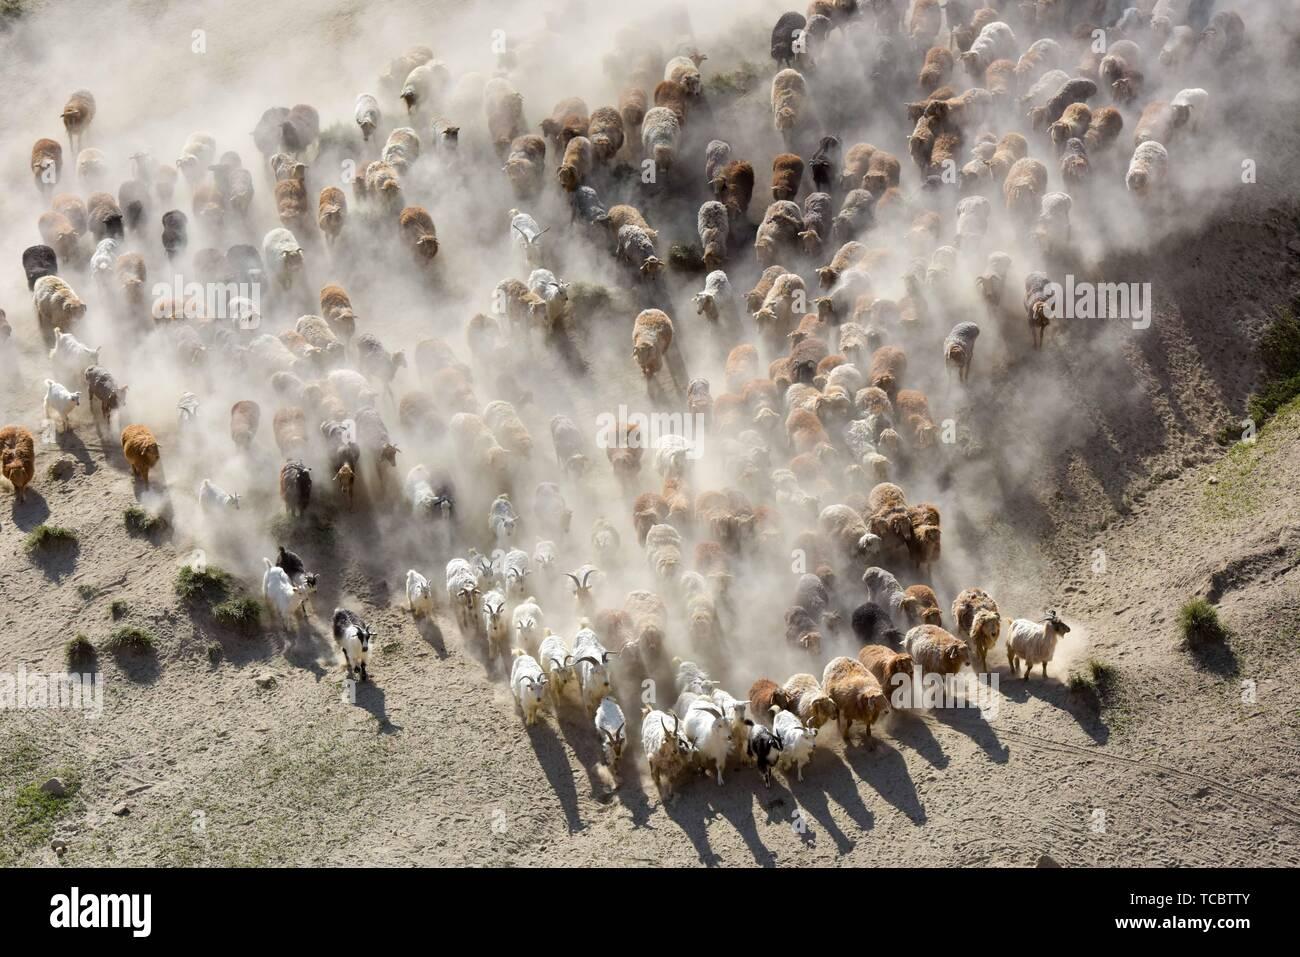 Fuhai. 6 juin, 2019. Dans cette photo aérienne prise le 6 juin 2019, un troupeau de bétail font leur chemin dans un voyage au pâturage d'été dans le comté d'Altay Fuhai, nord-ouest de la Chine, la Région autonome du Xinjiang Uygur. Au début du mois de juin chaque année, près de 1 000 familles nomades de l'ethnie kazakhe et leurs 400 000-strong bétail aller sur un voyage annuel d'alpage Fuhai Comté. Credit: Ding Lei/Xinhua/Alamy Live News Photo Stock